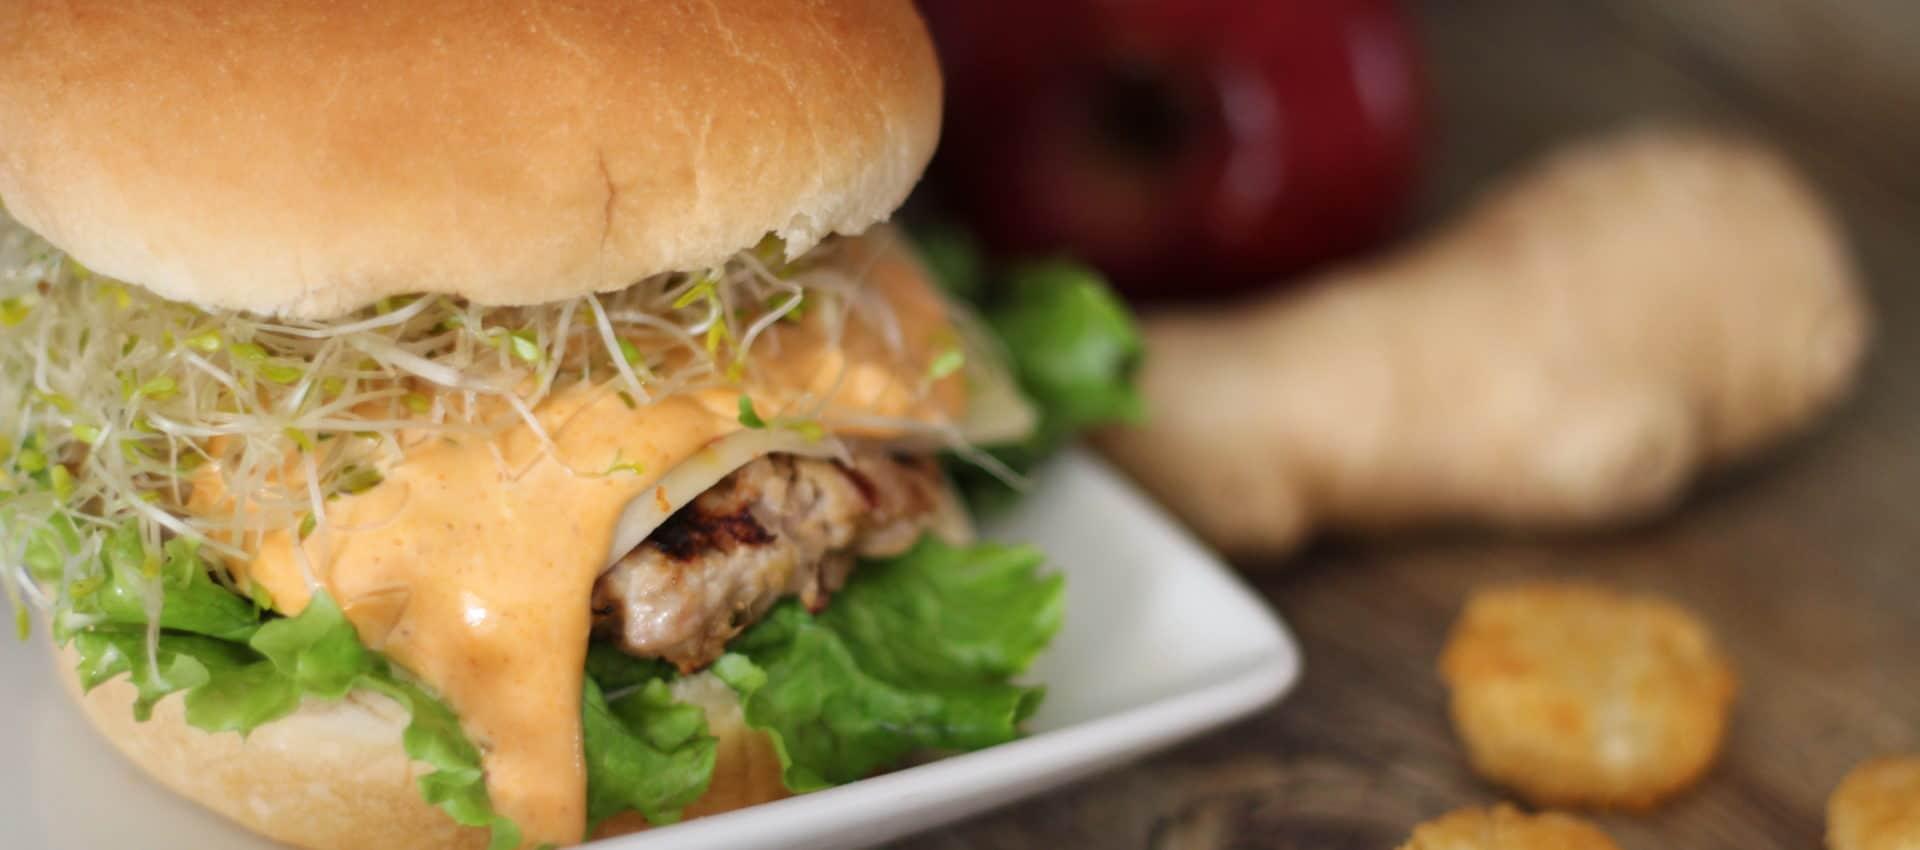 Hamburger asiatique au porc et à la pomme